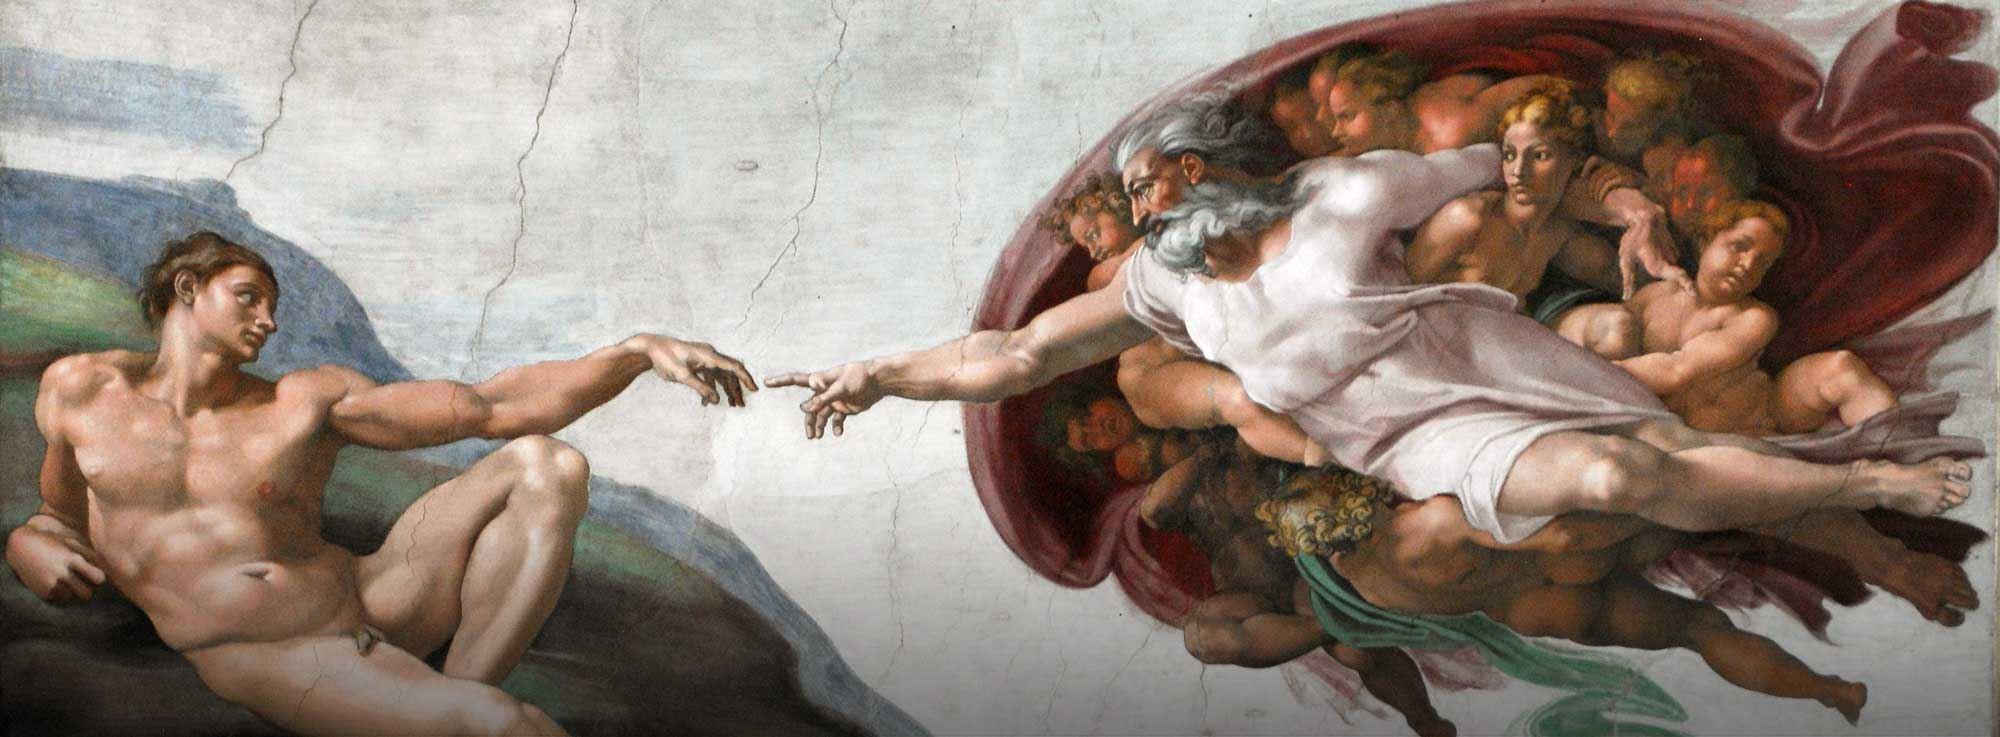 Brindisi: Il Michelangelo - Vittorio Sgarbi